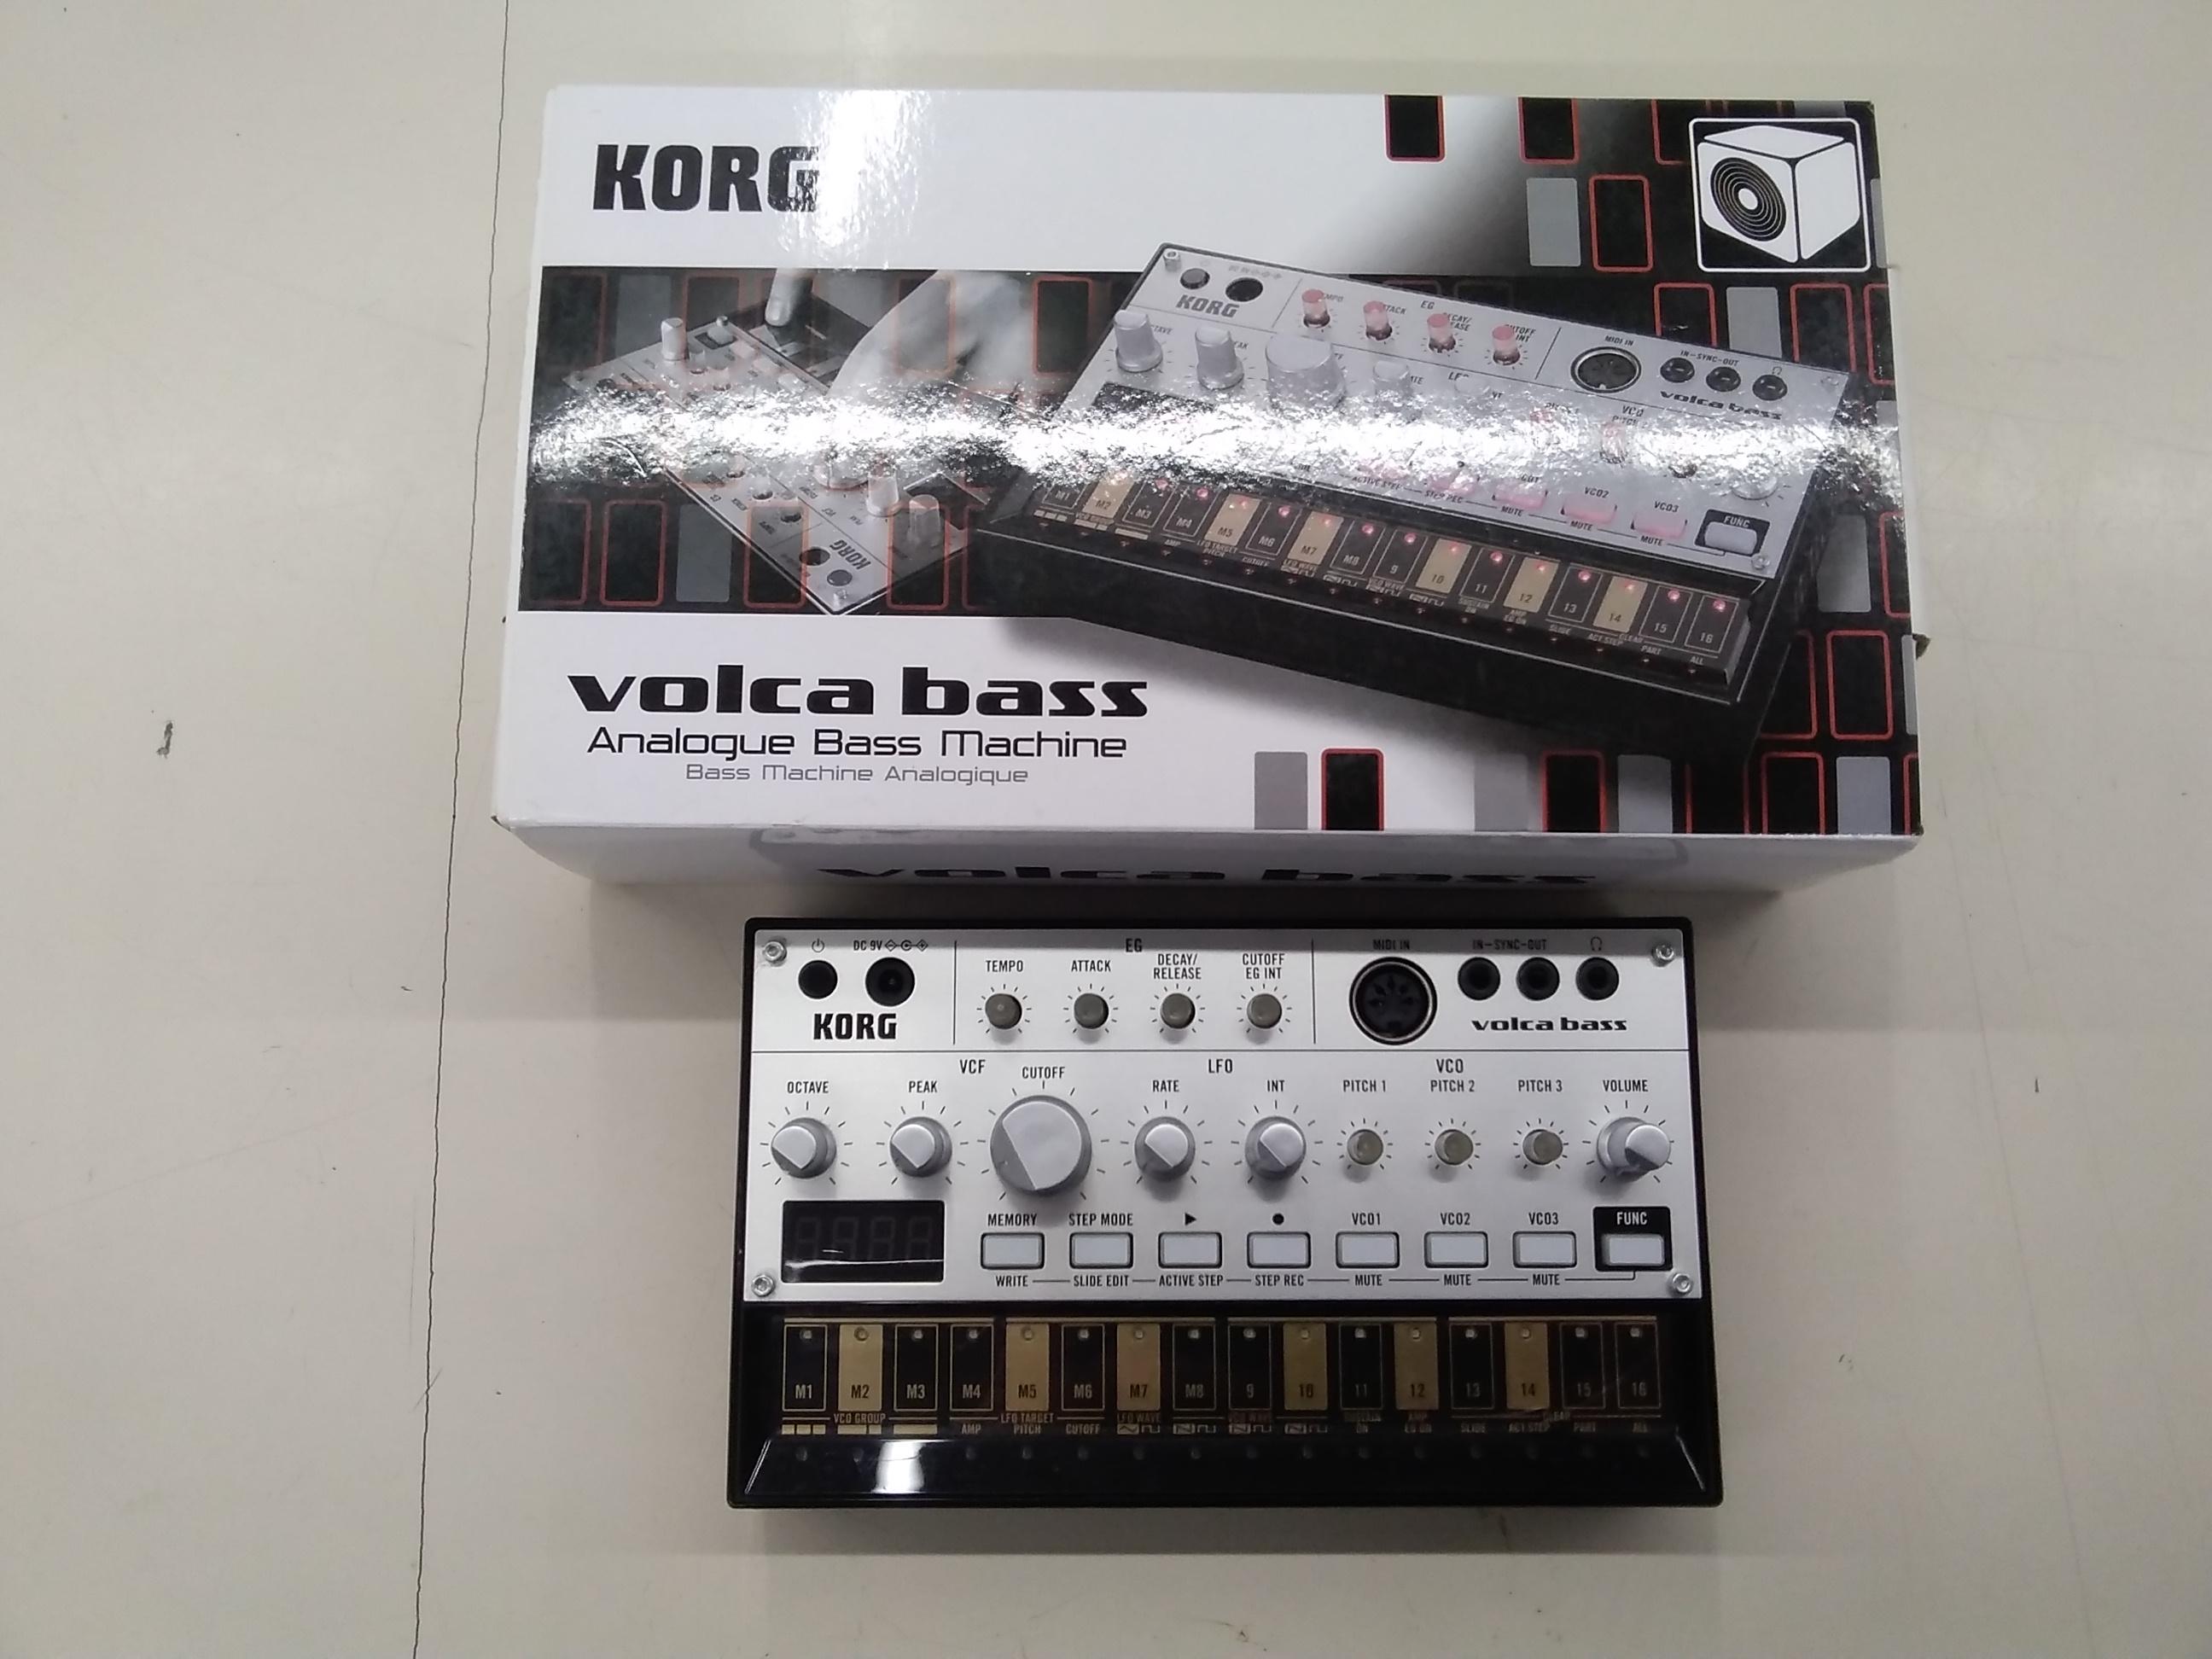 アナログベースマシン volca bass|KORG